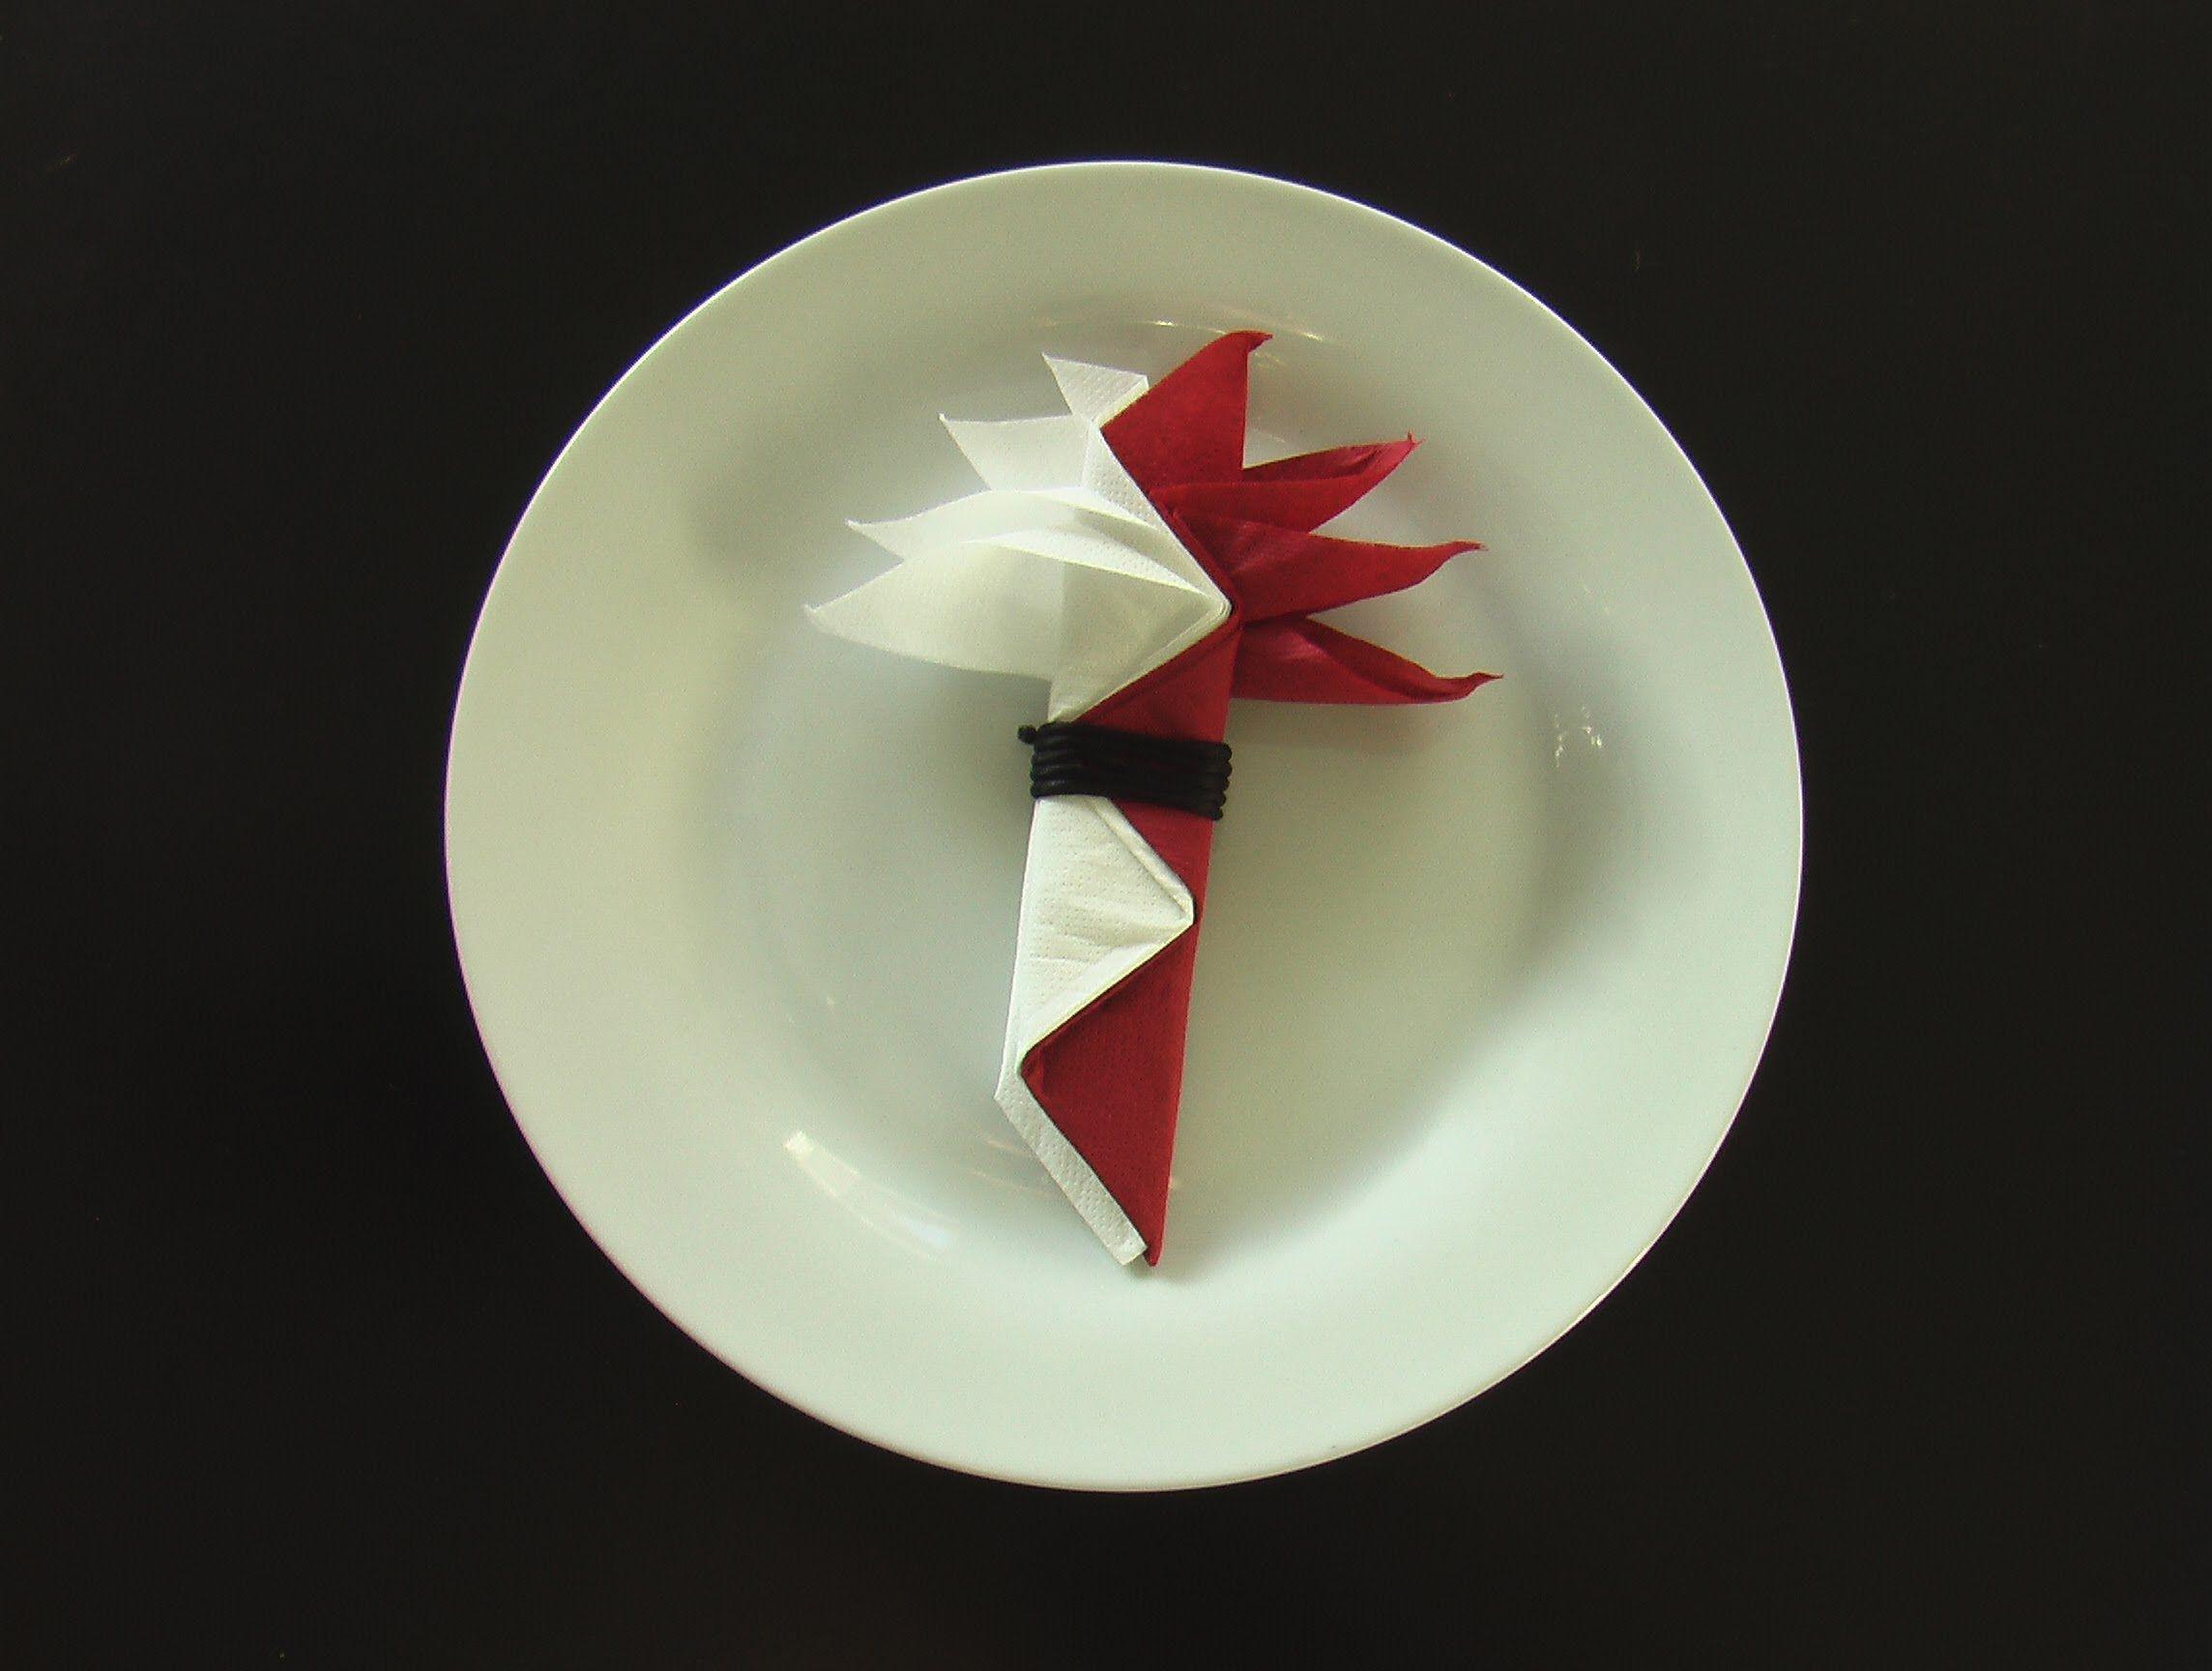 pliage serviette papier oiseau du paradis decorations pliage serviette papier pliage. Black Bedroom Furniture Sets. Home Design Ideas